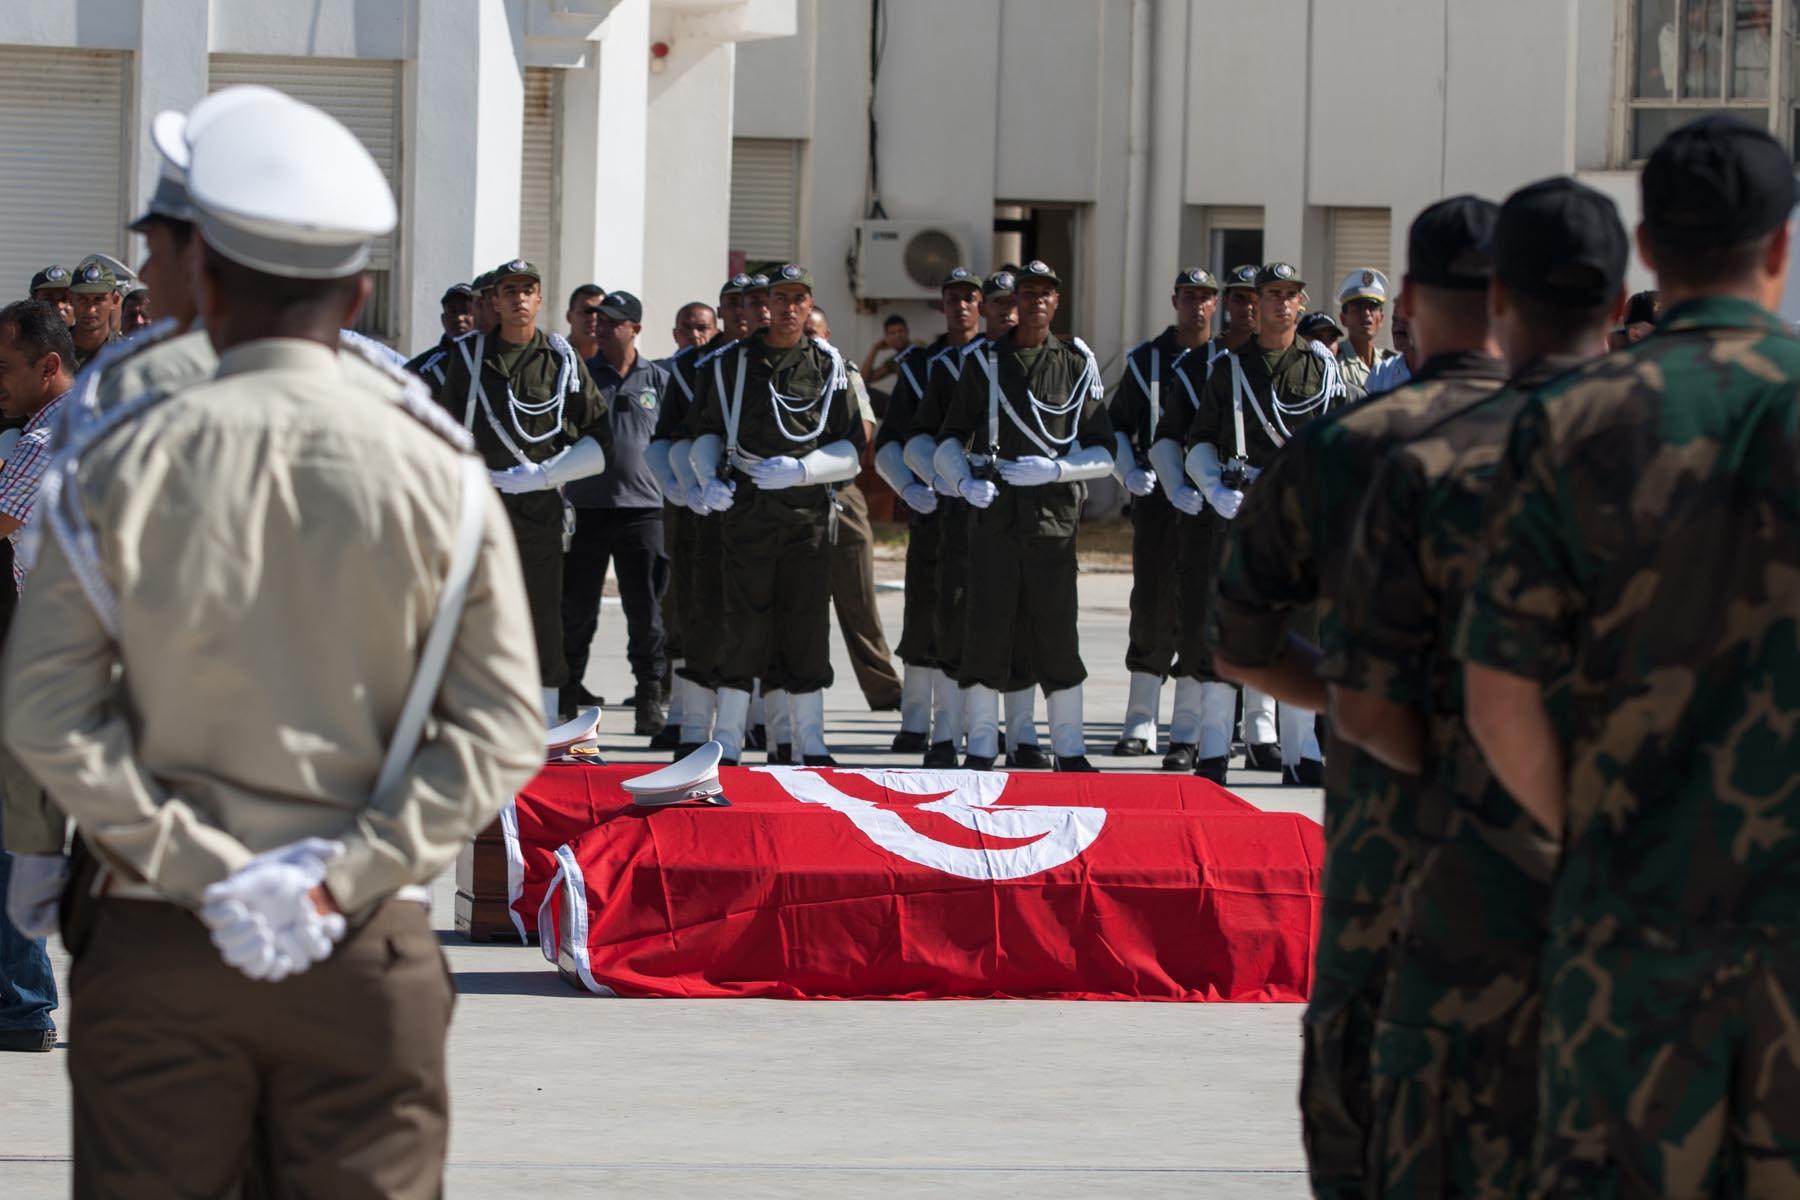 جنازة شهيد من المؤسسة العسكرية